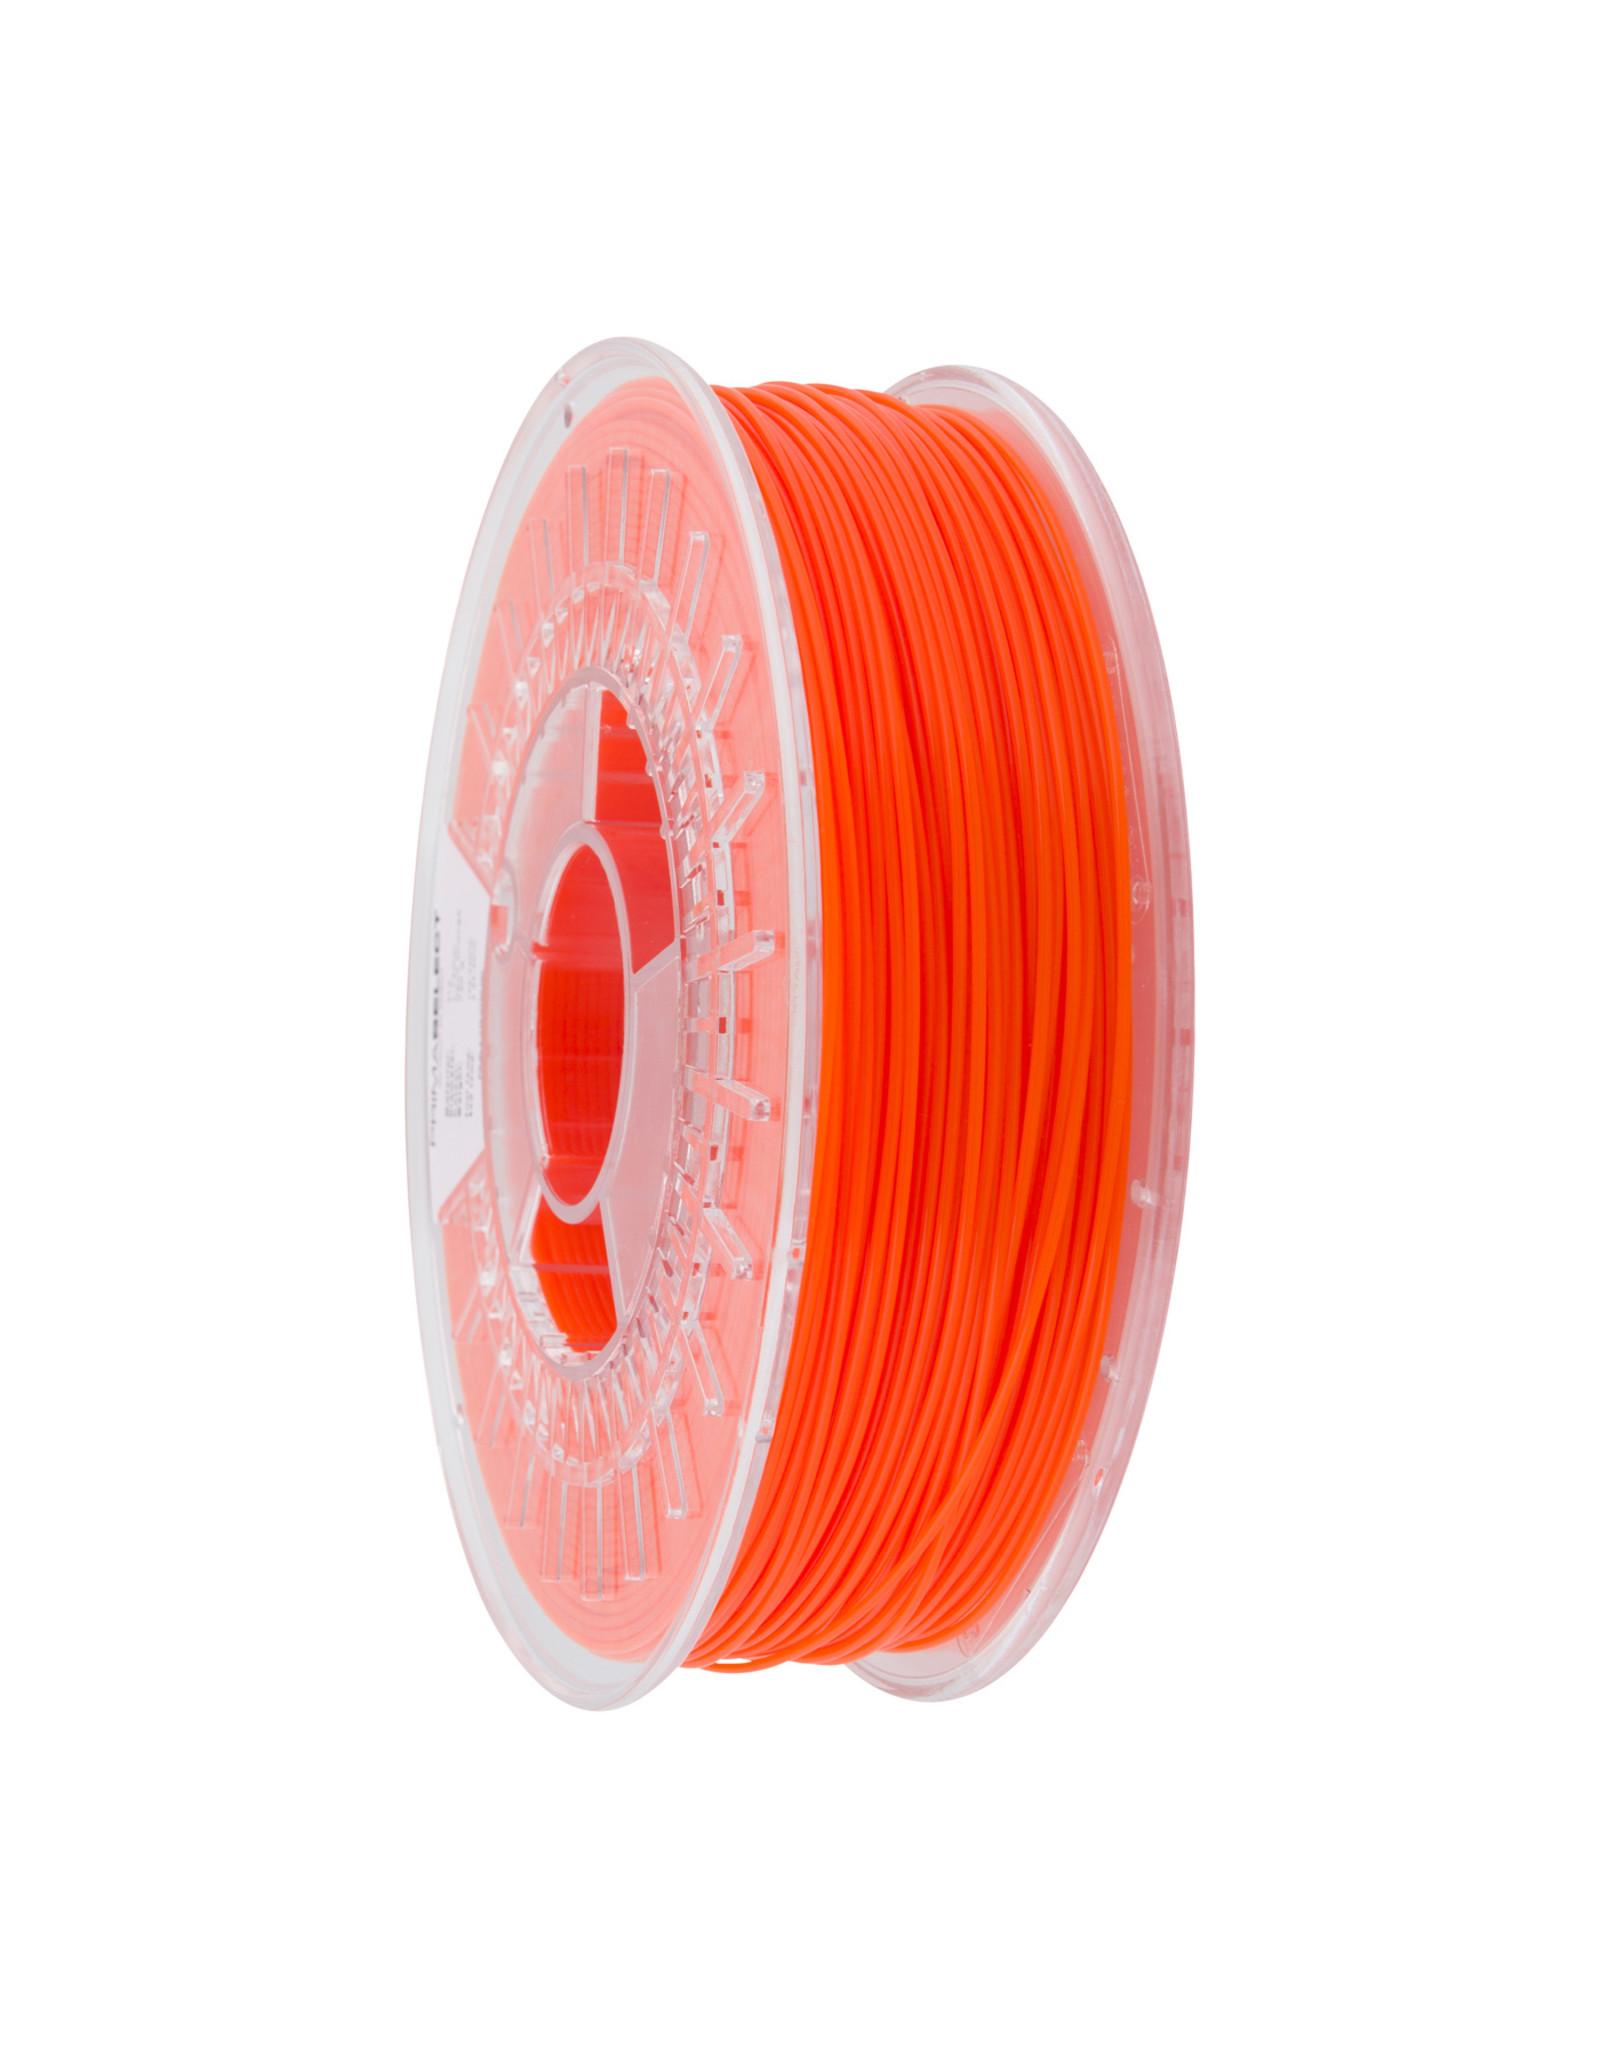 Prima PrimaSelect PLA 1.75mm - 750gr Neon Orange